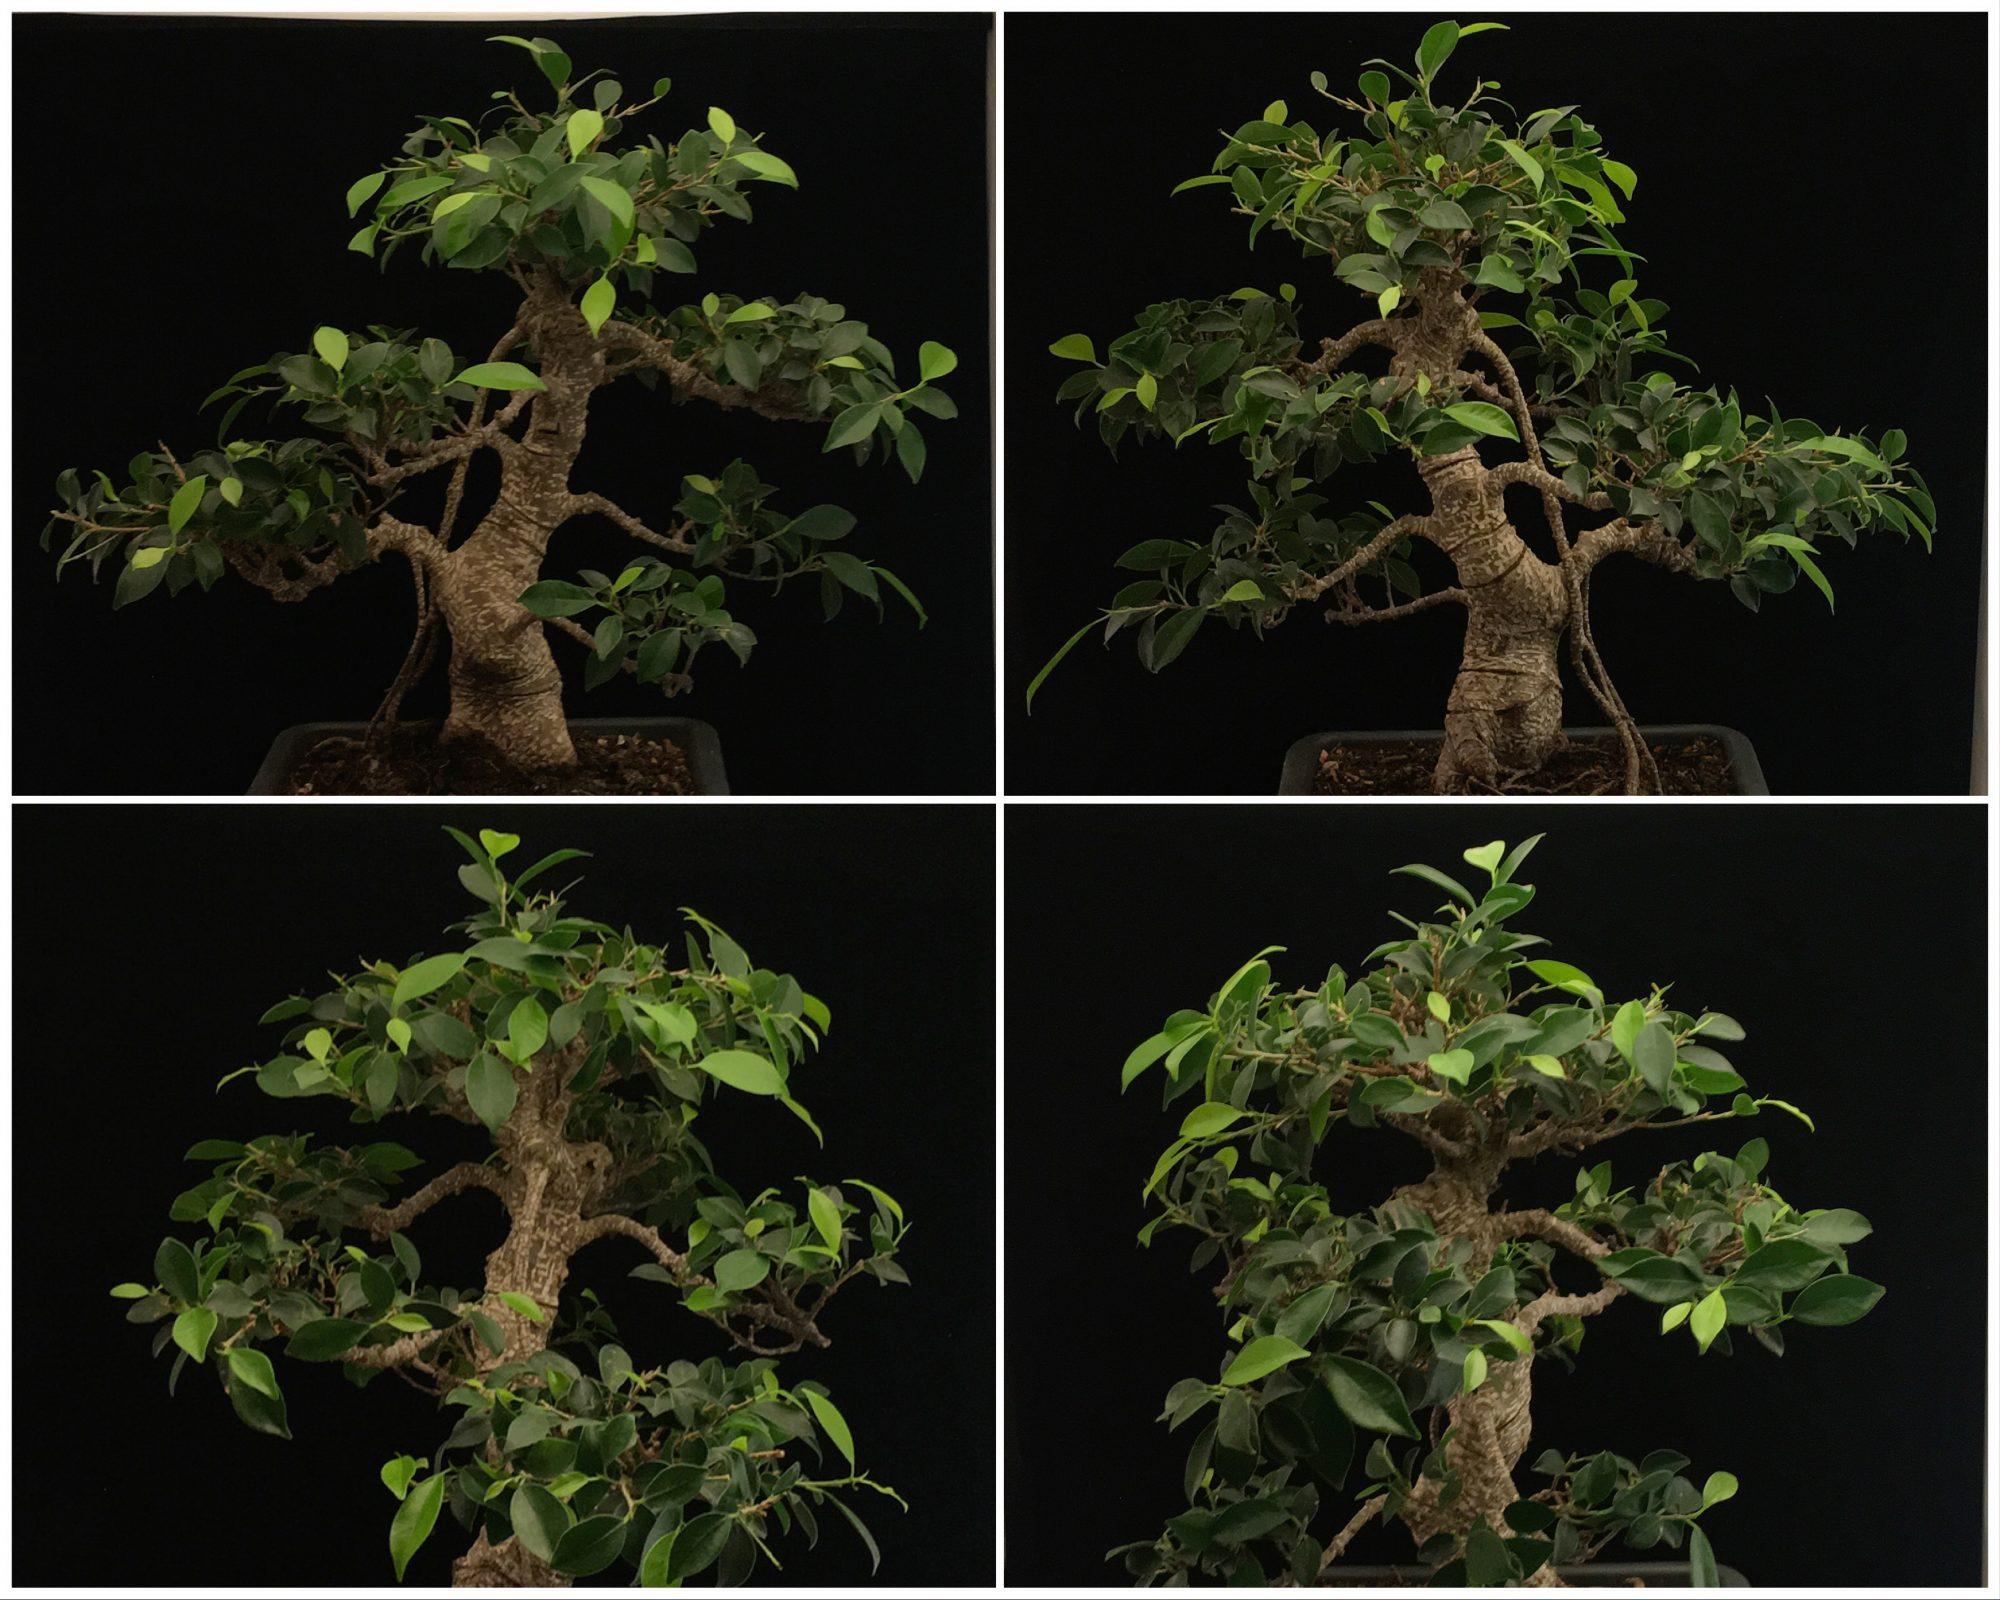 Indoor bonsai arten kauf pflege und gestaltung i - Zimmerbonsai arten ...